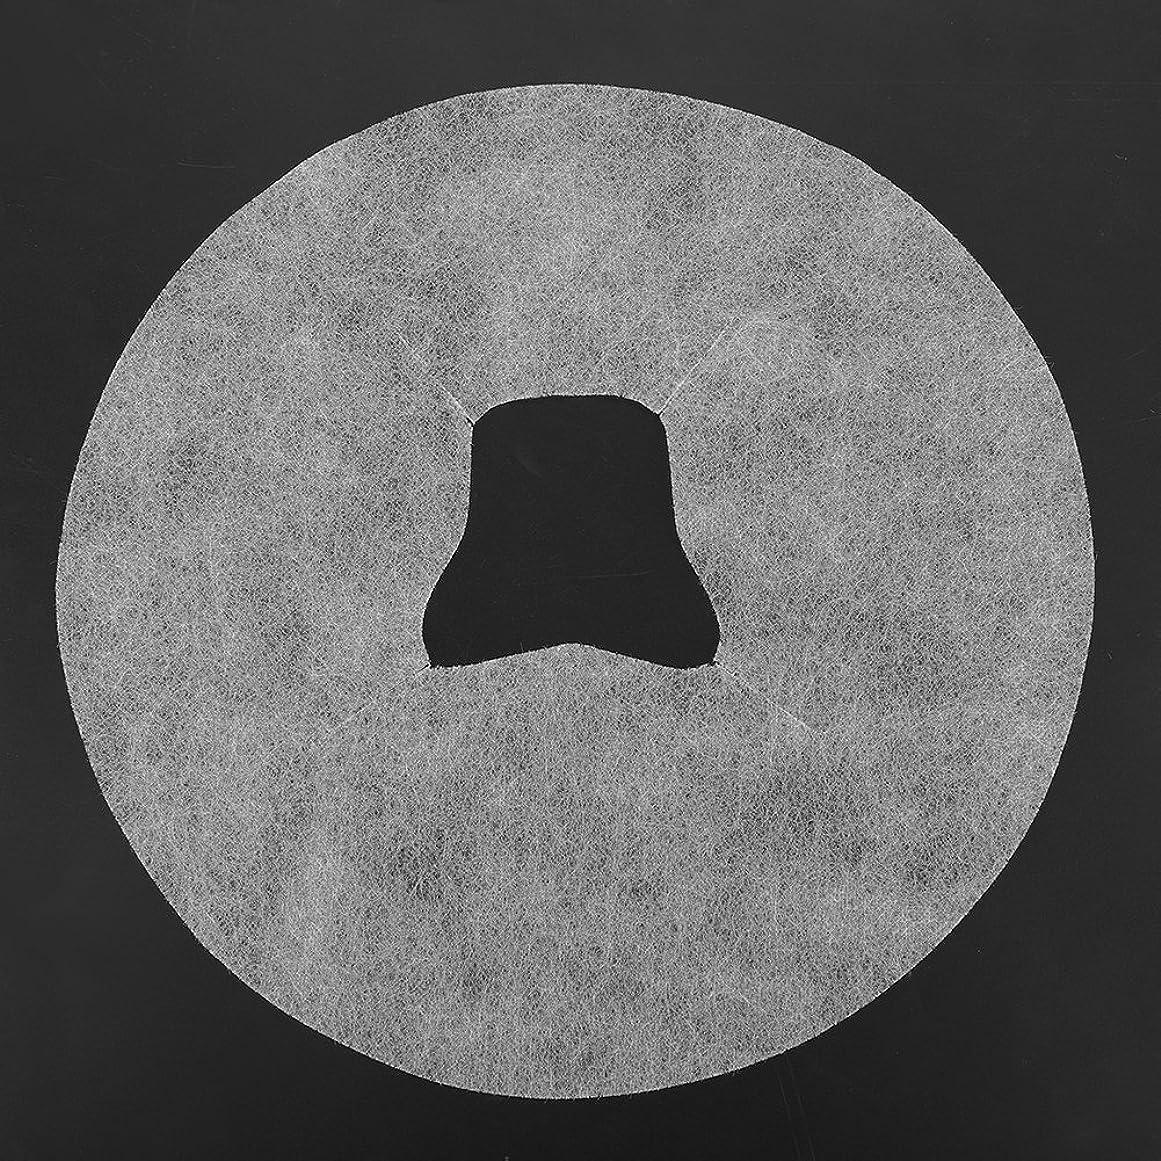 うつシティ馬鹿SoarUp 【100枚入】 フェイスマッサージパッド 使い捨てタオル 顔用 使い捨て 不織布材料 通気性 美容院?スパ?美容マッサージ専用 衛生的 安全 ホワイト